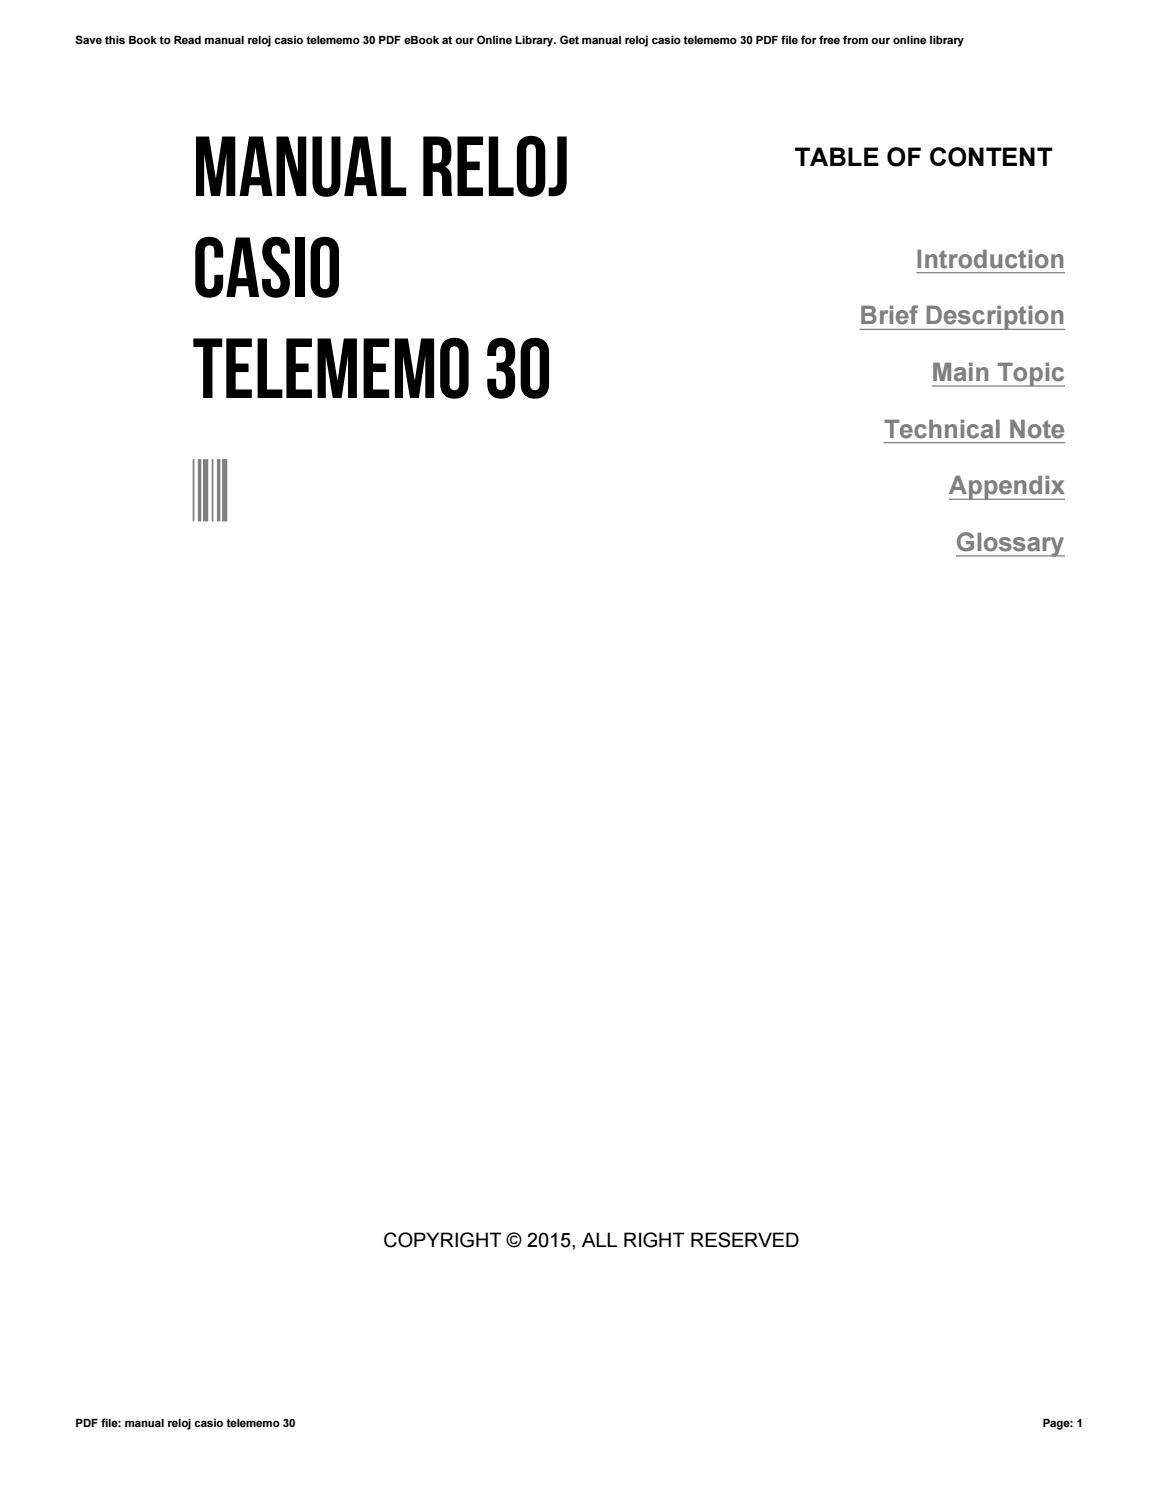 Casio telememo 30 bedienungsanleitung – Bürozubehör